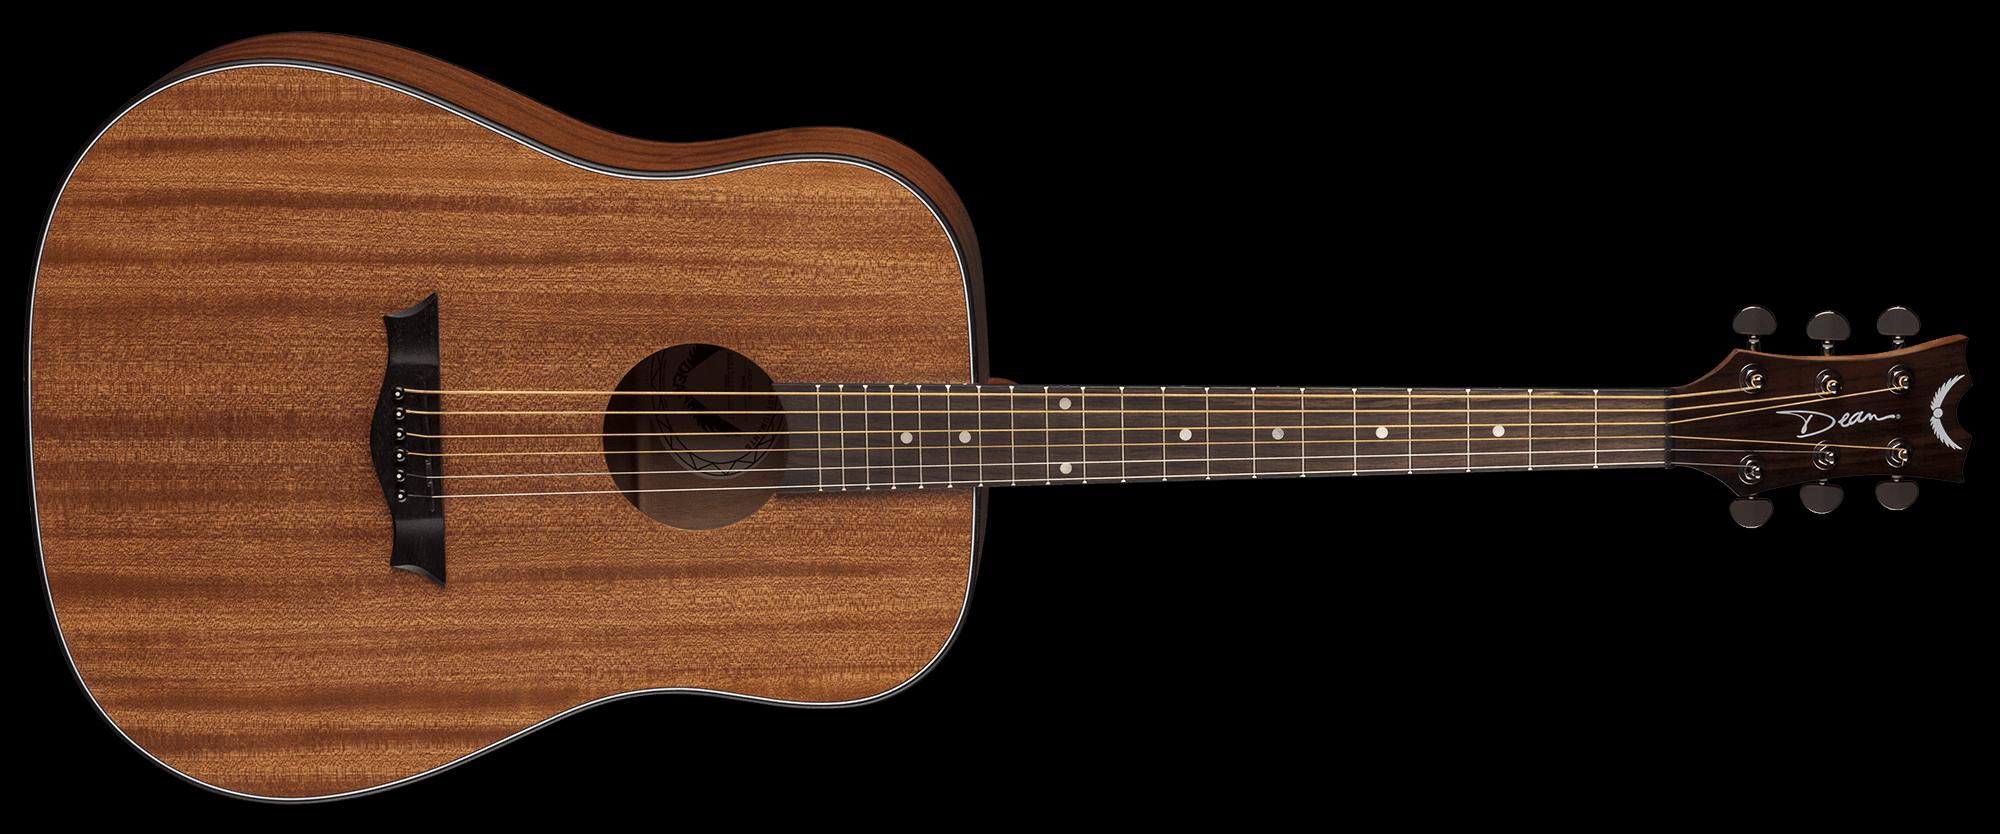 Dean AXS Dreadnought Mahogany Acoustic Guitar